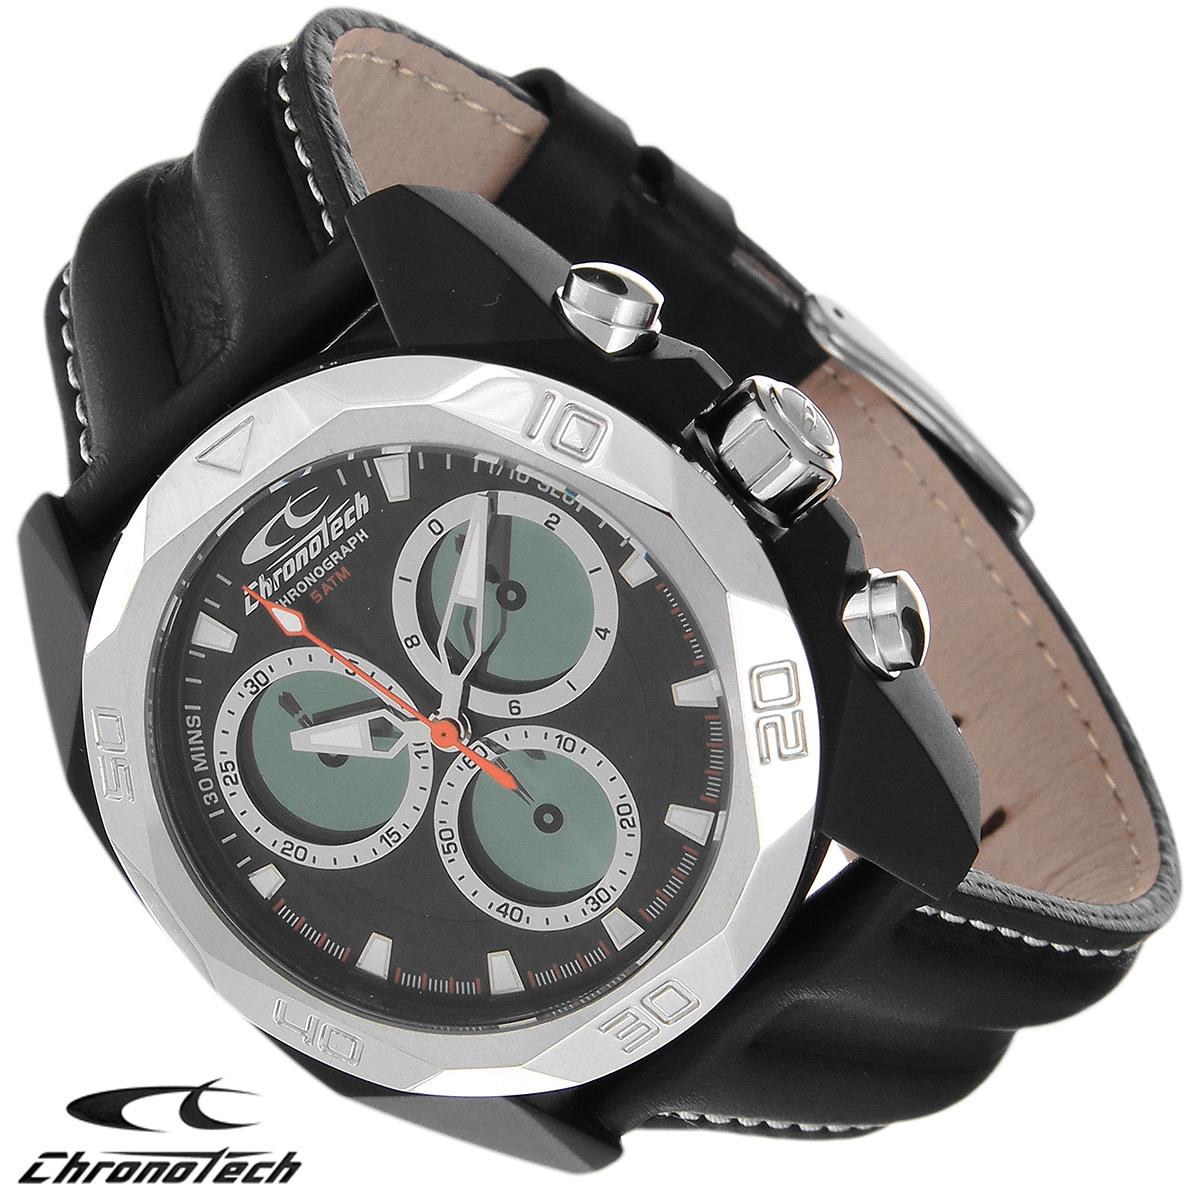 Часы мужские наручные Chronotech, цвет: черный. RW0059RW0059Часы Chronotech - это часы для современных и стильных людей, которые стремятся выделиться из толпы и подчеркнуть свою индивидуальность. Корпус часов выполнен из нержавеющей стали с покрытием поликарбонатом. Циферблат оформлен отметками и защищен минеральным стеклом. Часы имеют три стрелки - часовую, минутную и секундную. Стрелки и отметки светятся в темноте. Часы оснащены функцией хронографа и имеют секундомер. Ремешок часов выполнен из натуральной кожи и застегивается на классическую застежку. Часы упакованы в фирменную коробку с логотипом компании Chronotech. Такой аксессуар добавит вашему образу стиля и подчеркнет безупречный вкус своего владельца. Характеристики: Диаметр циферблата: 3,3 см. Размер корпуса: 4,3 см х 4,8 см х 1,2 см. Длина ремешка (с корпусом): 24,5 см. Ширина ремешка: 2,2 см.